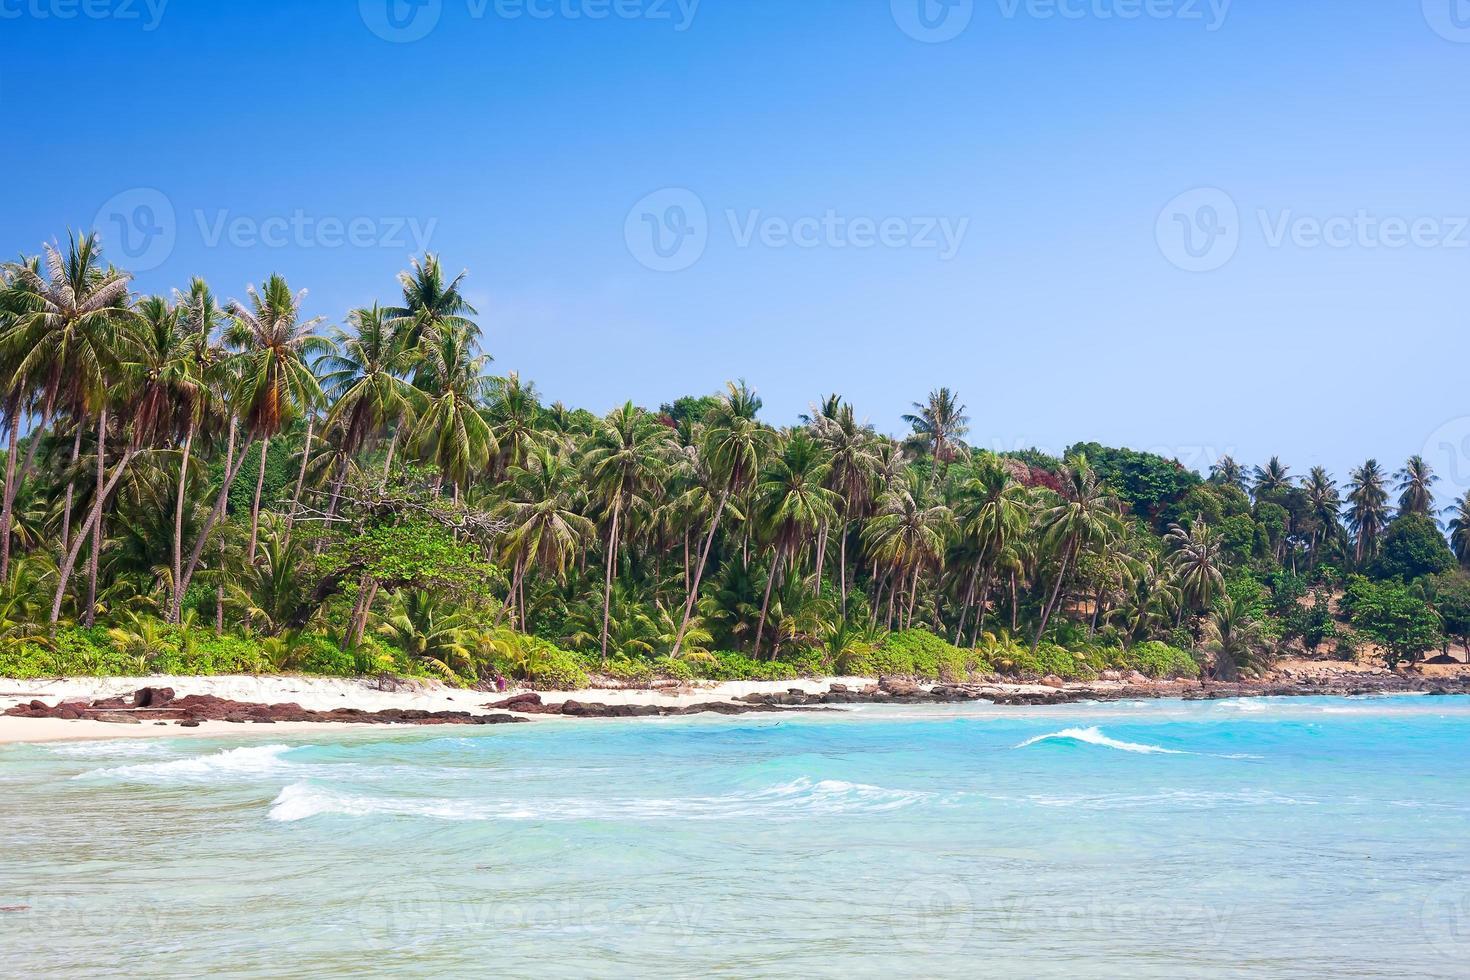 plage de sable blanc tropicale avec palmiers. Koh kood, Thaïlande photo